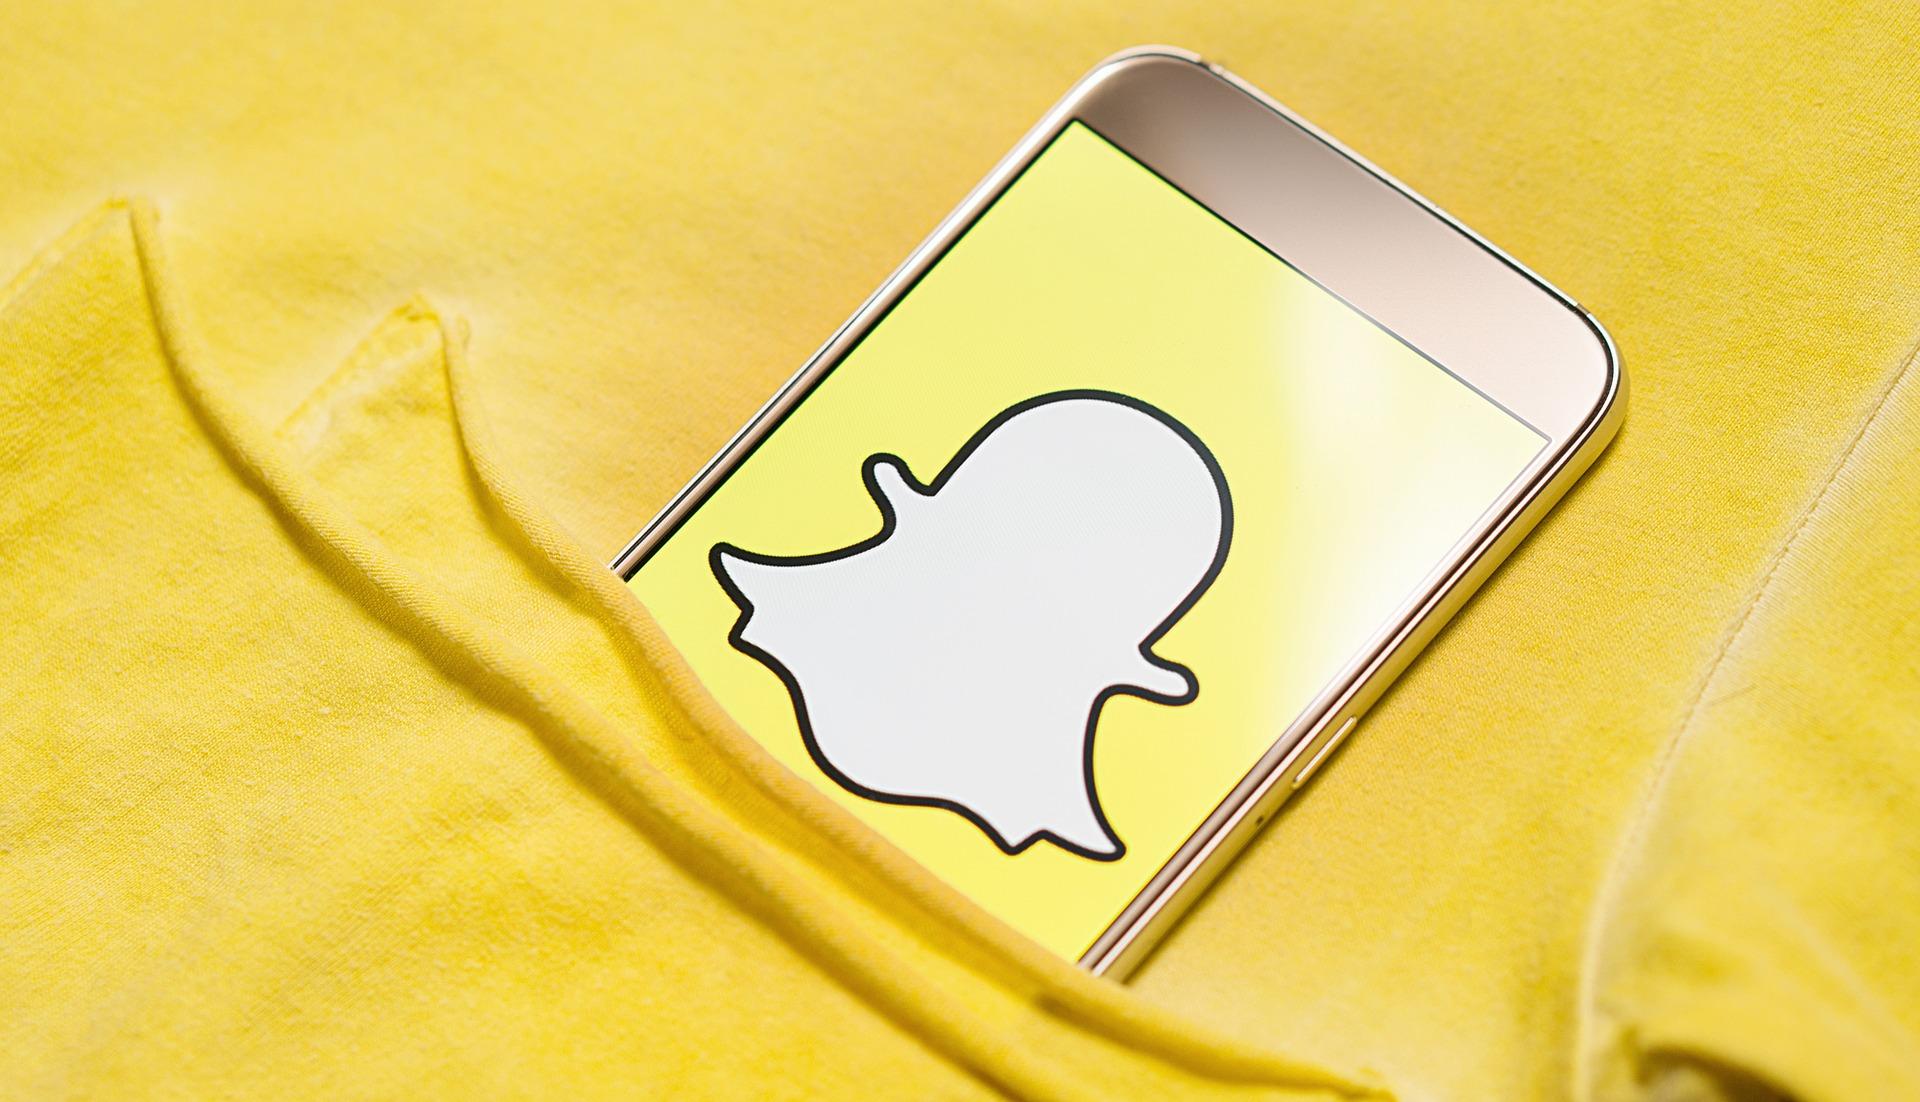 Social Media via Snapchat